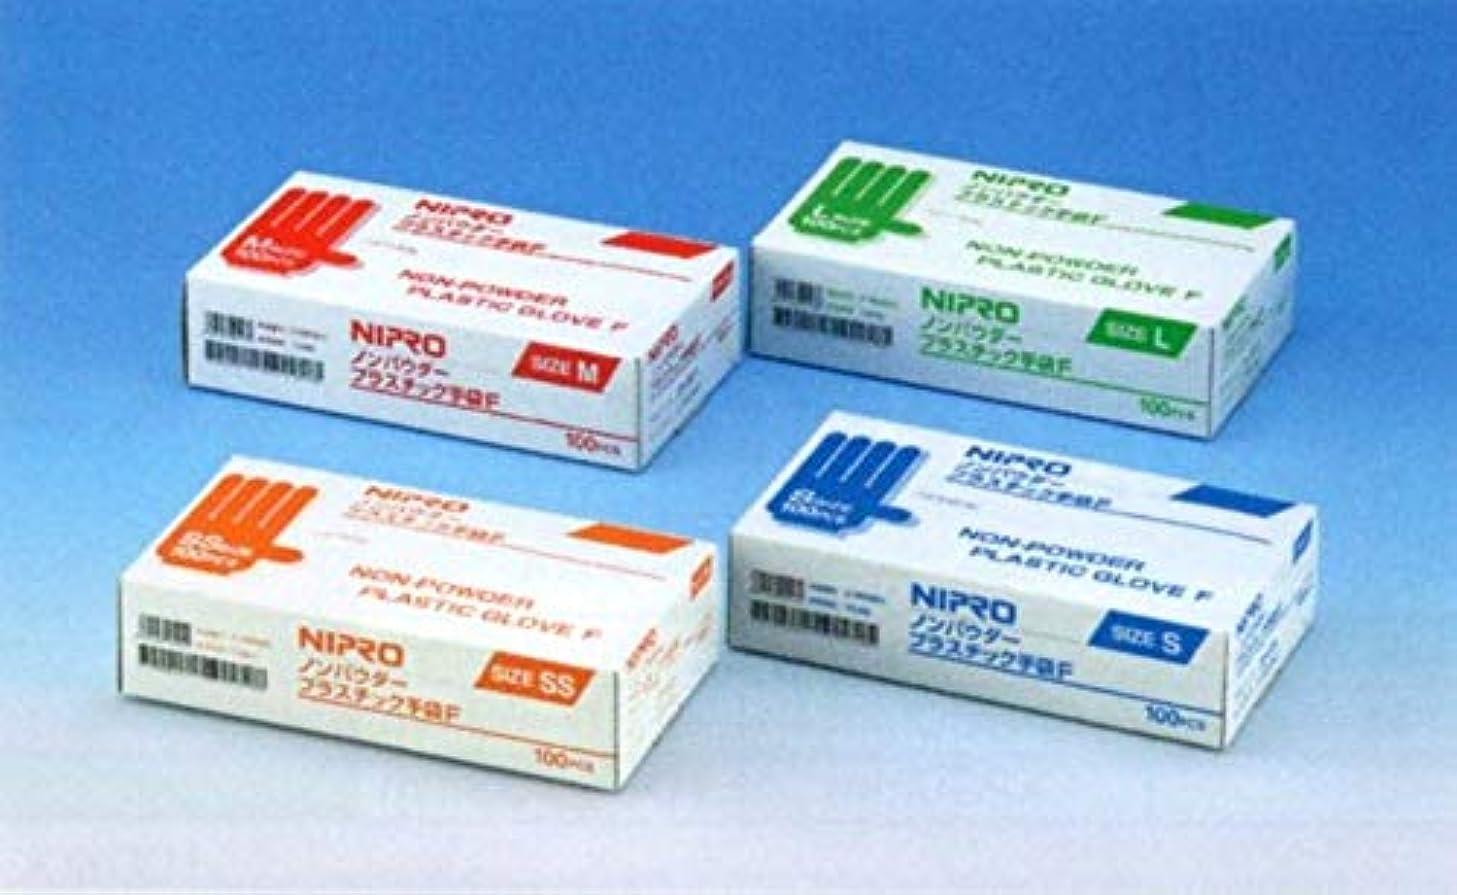 ドール発音活気づくニプロ ノンパウダープラスチック手袋F Mサイズ 100枚入 20-527